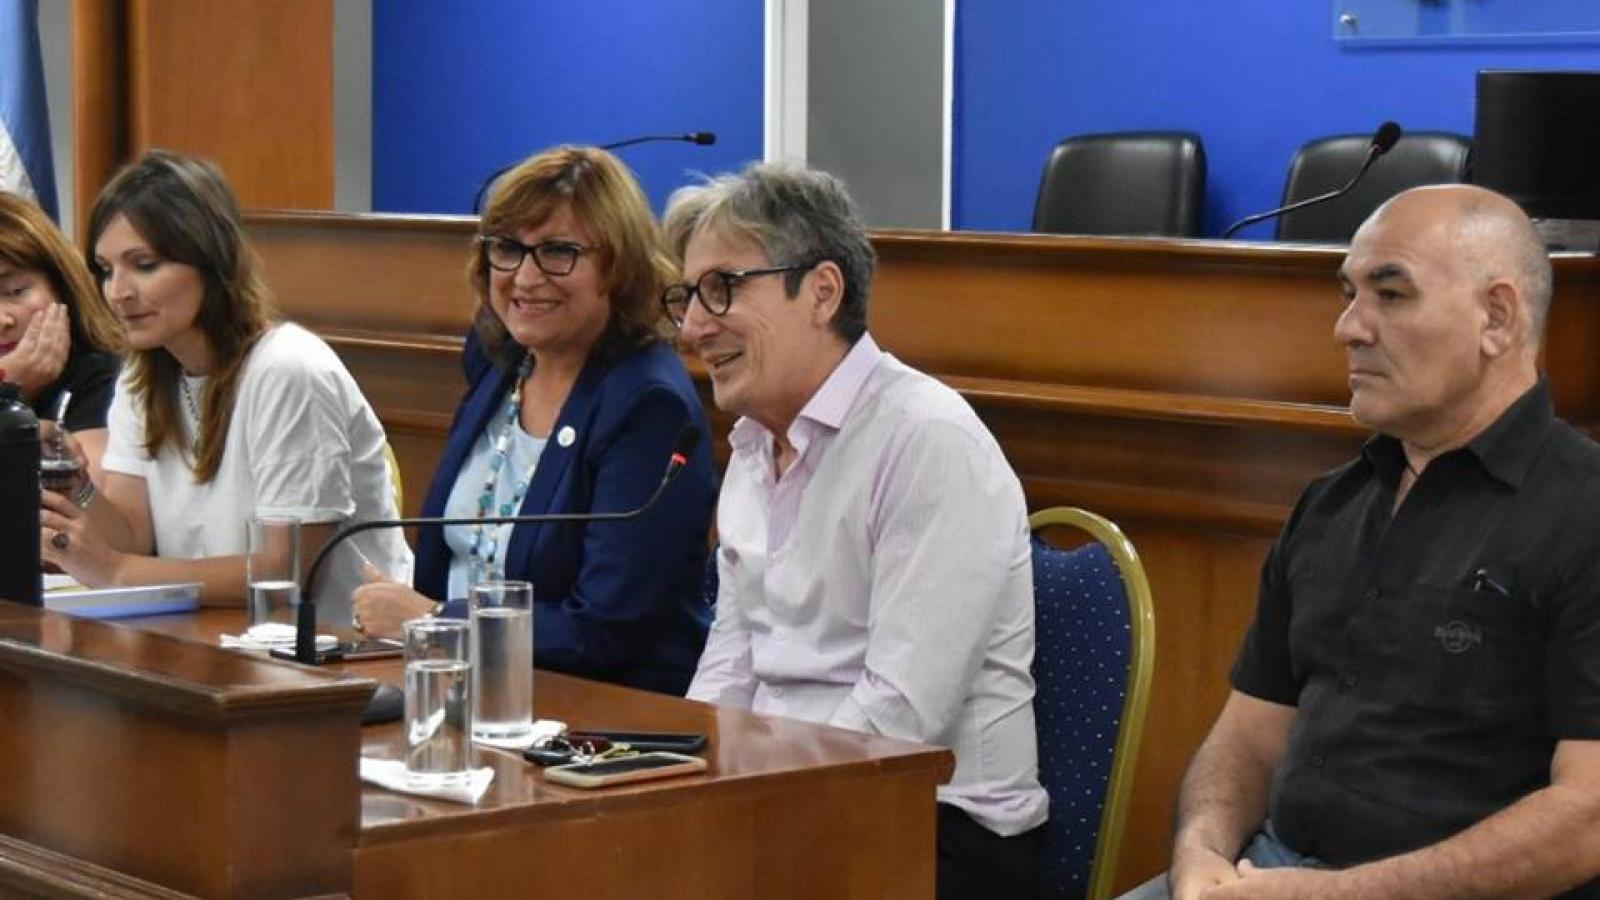 El presidente del IPRODICH José Lorenzo expone sobre Salud y Discapacidad en la Cámara de Diputados del Chaco